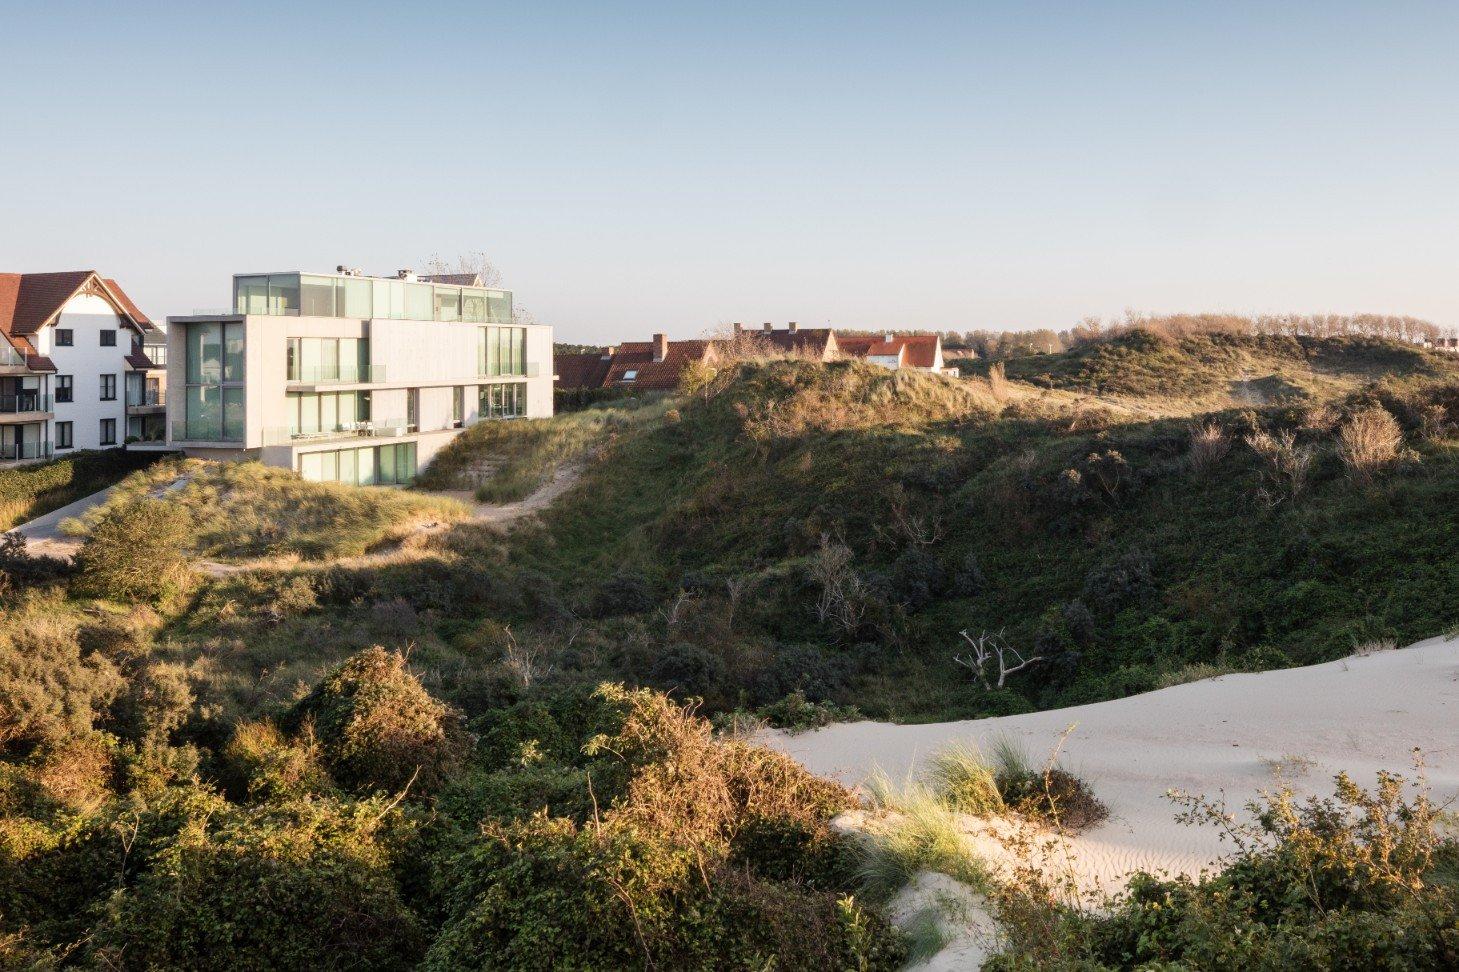 Rietveldprojects-saarinen-appartement-design-architectuur-kust-tvdv17.jpg